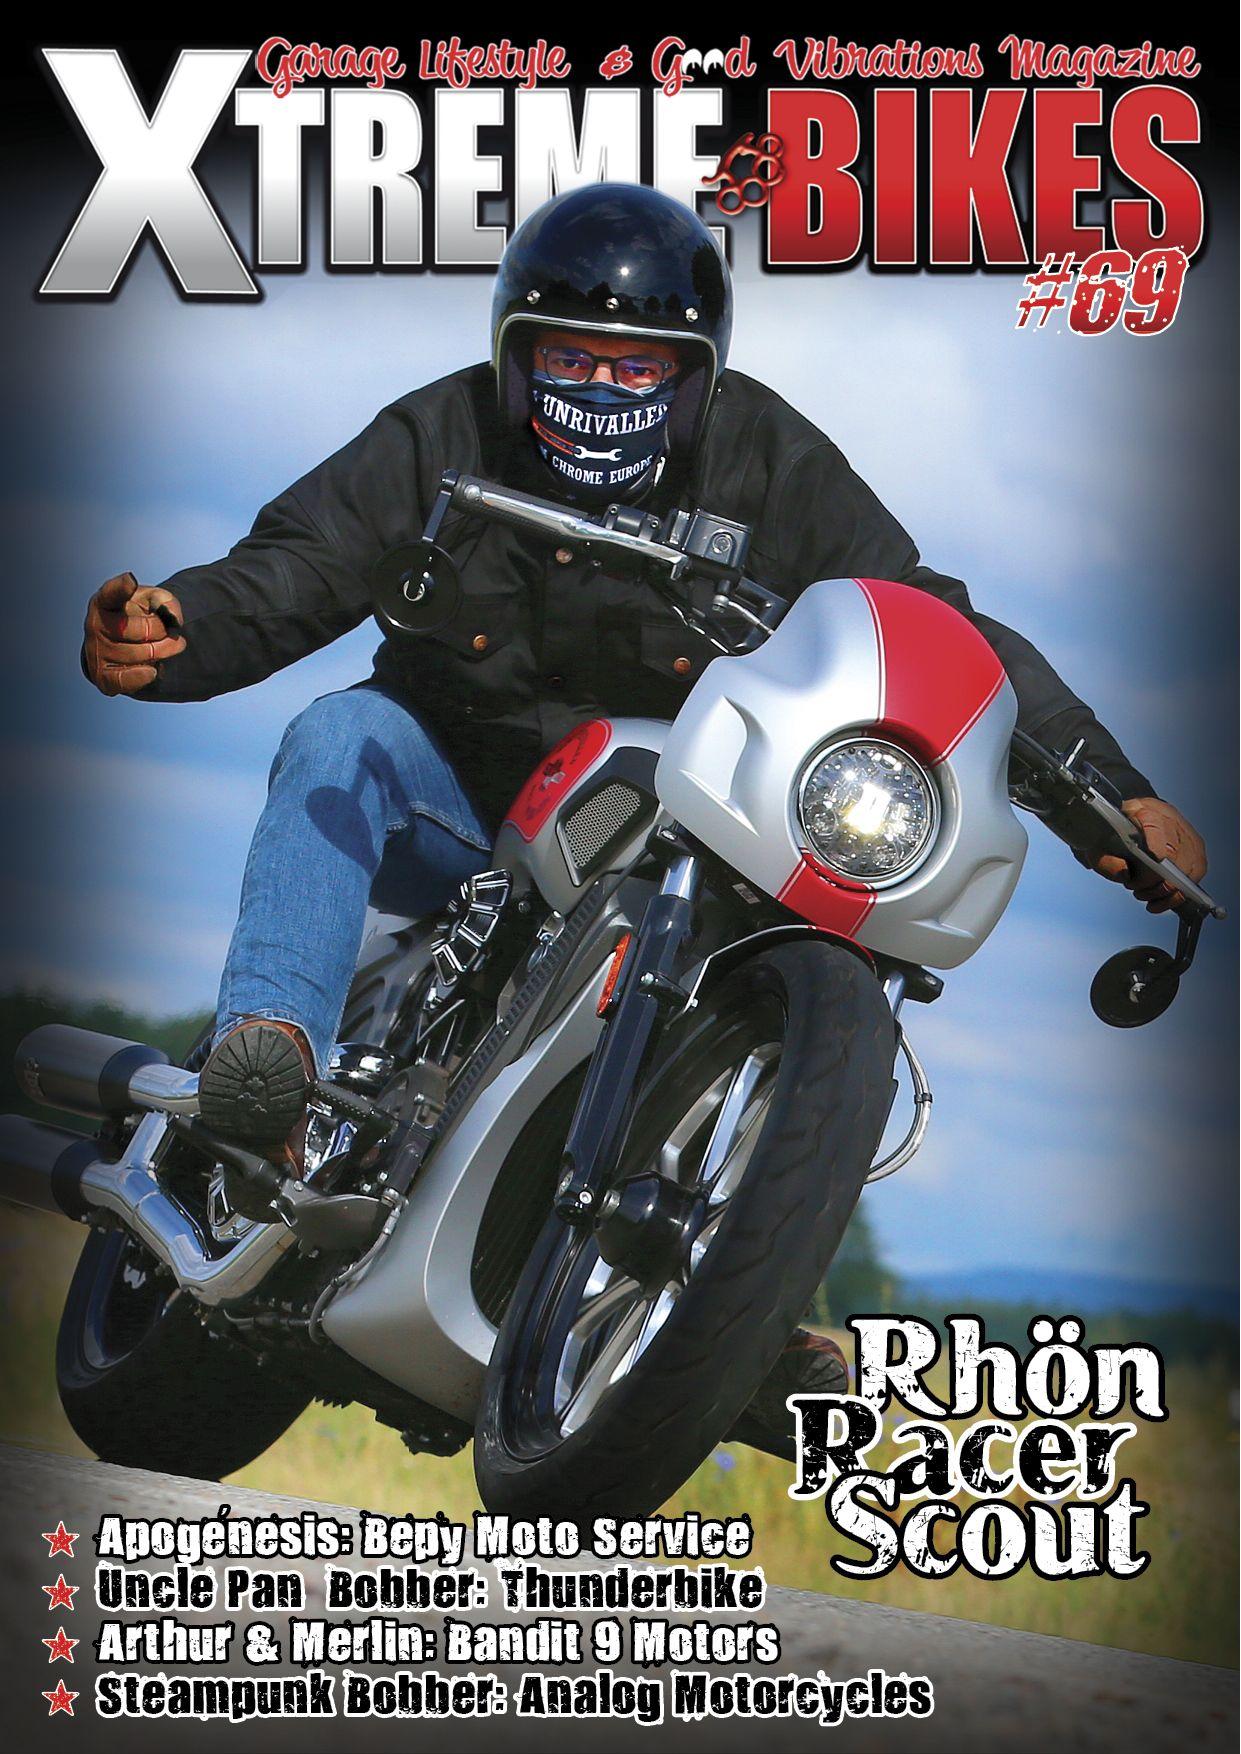 Xtreme Bikes #69